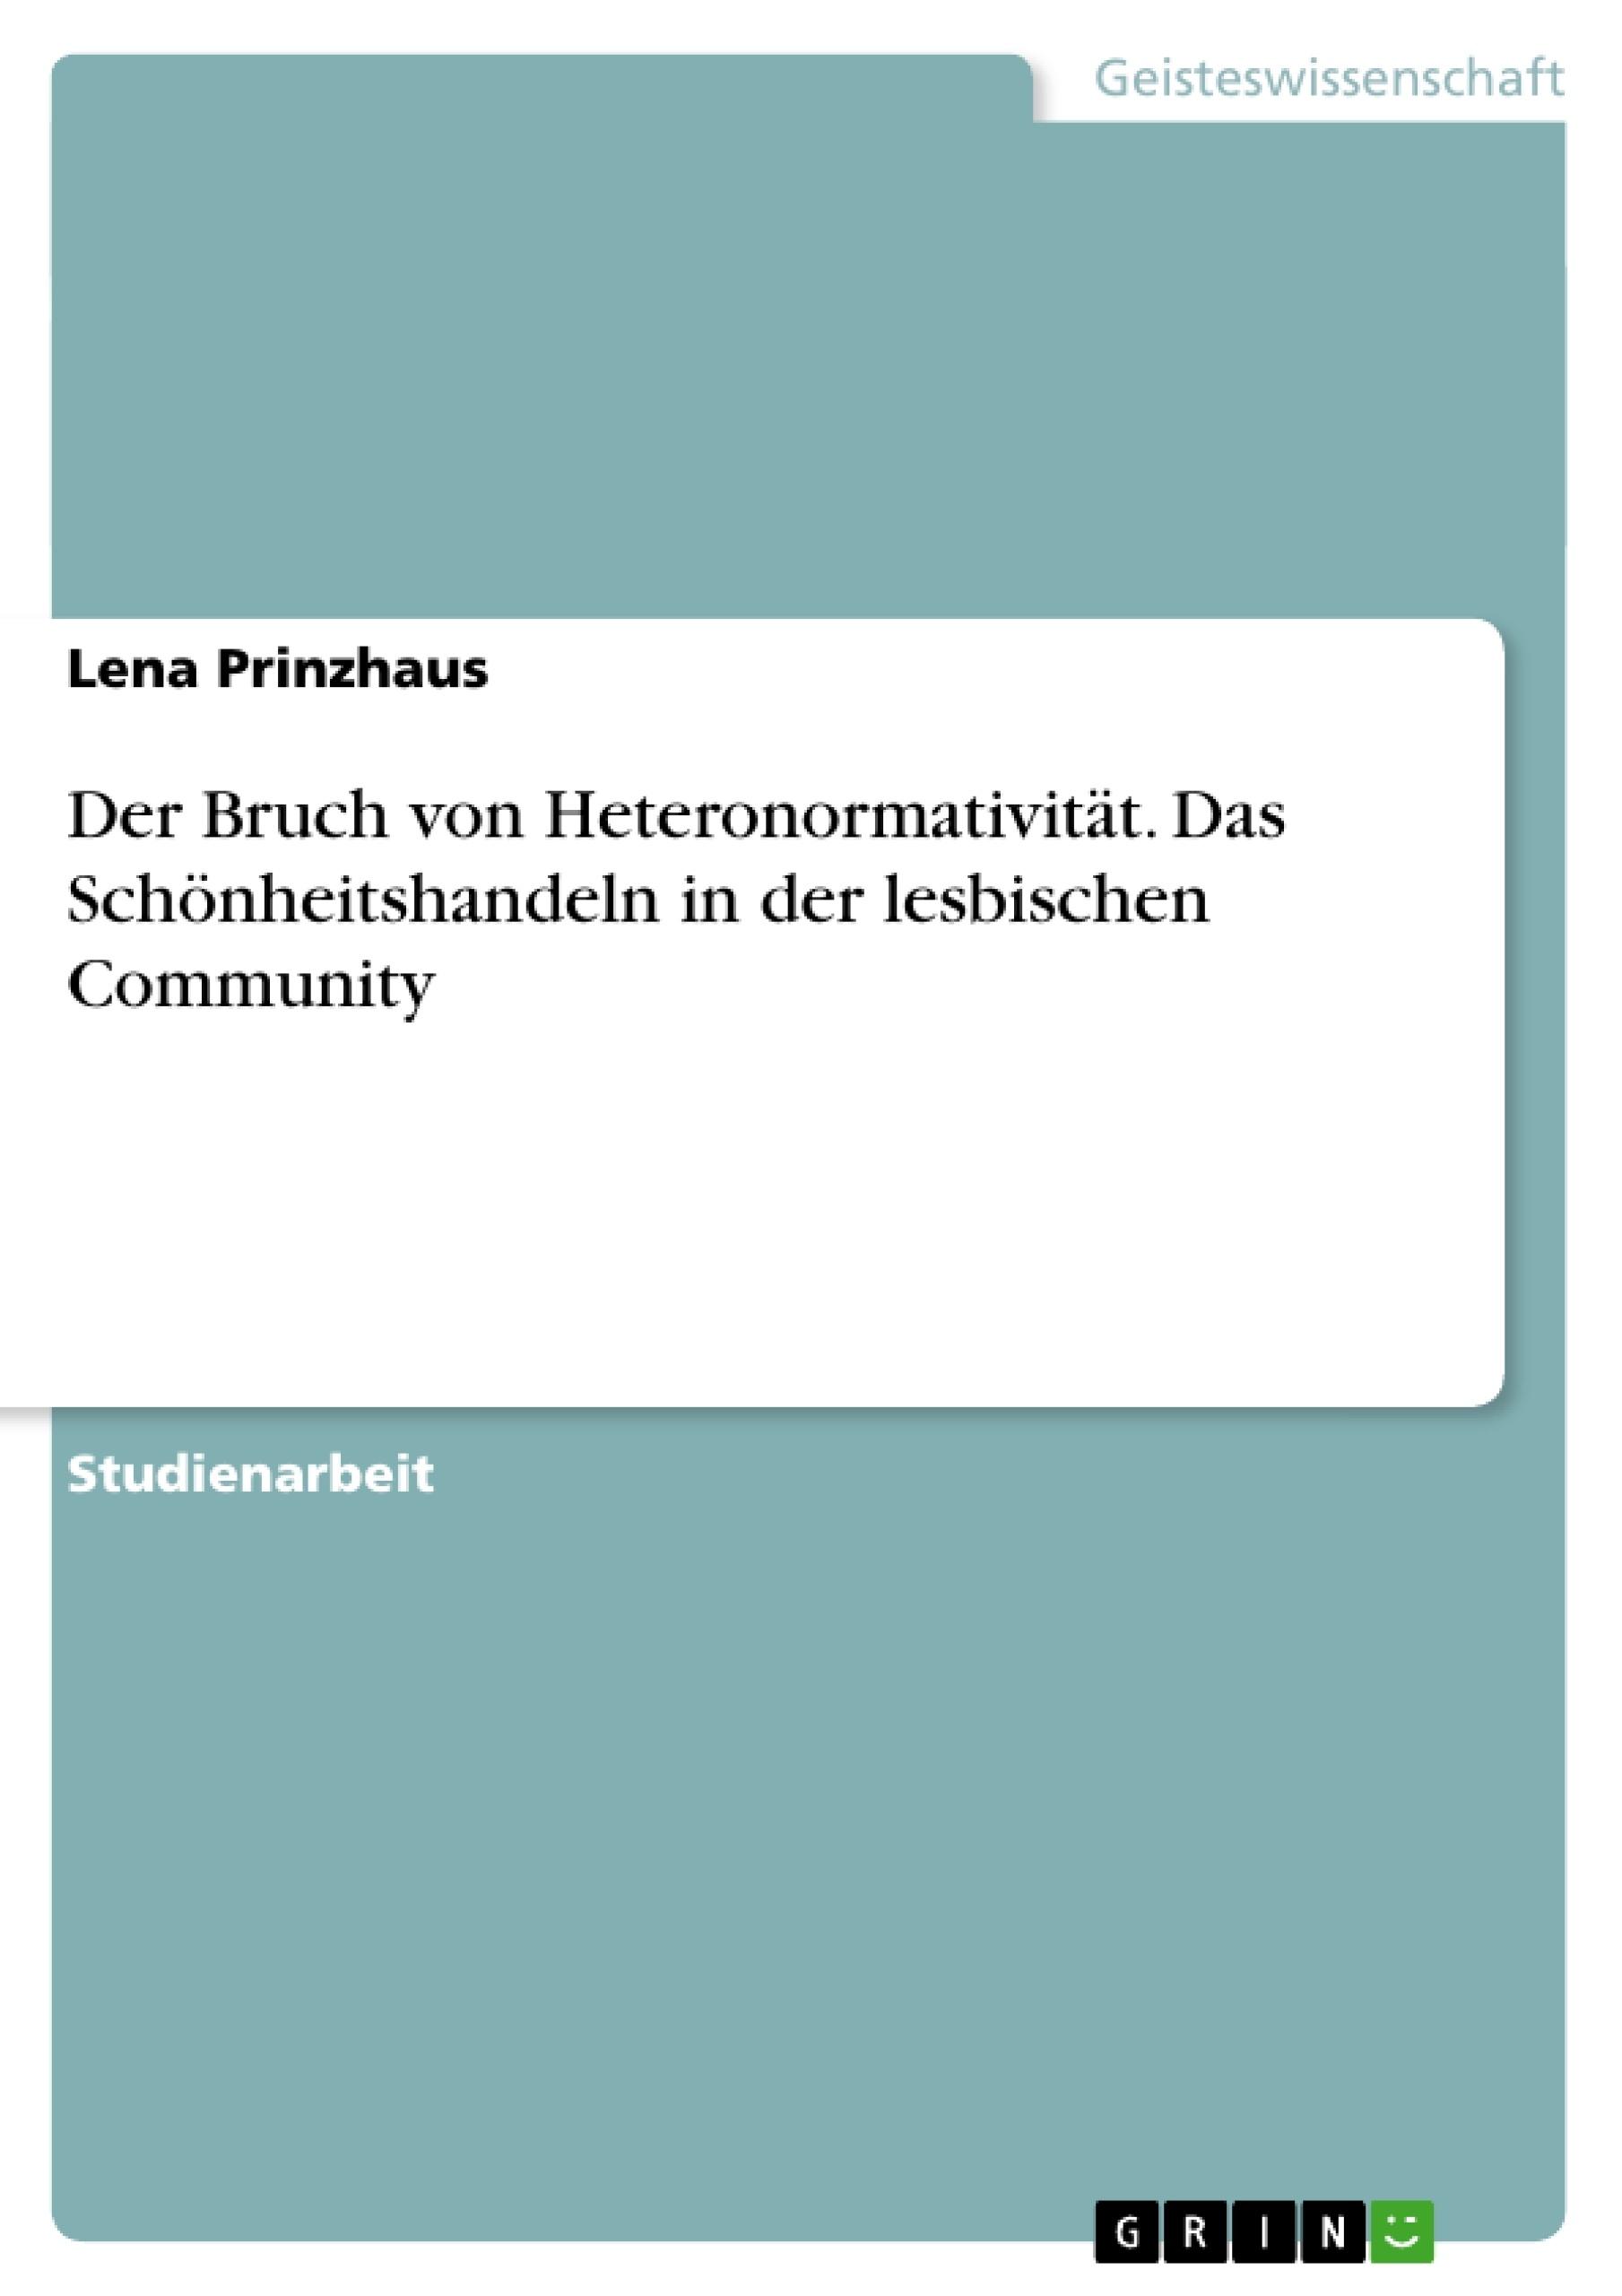 Titel: Der Bruch von Heteronormativität. Das Schönheitshandeln in der lesbischen Community